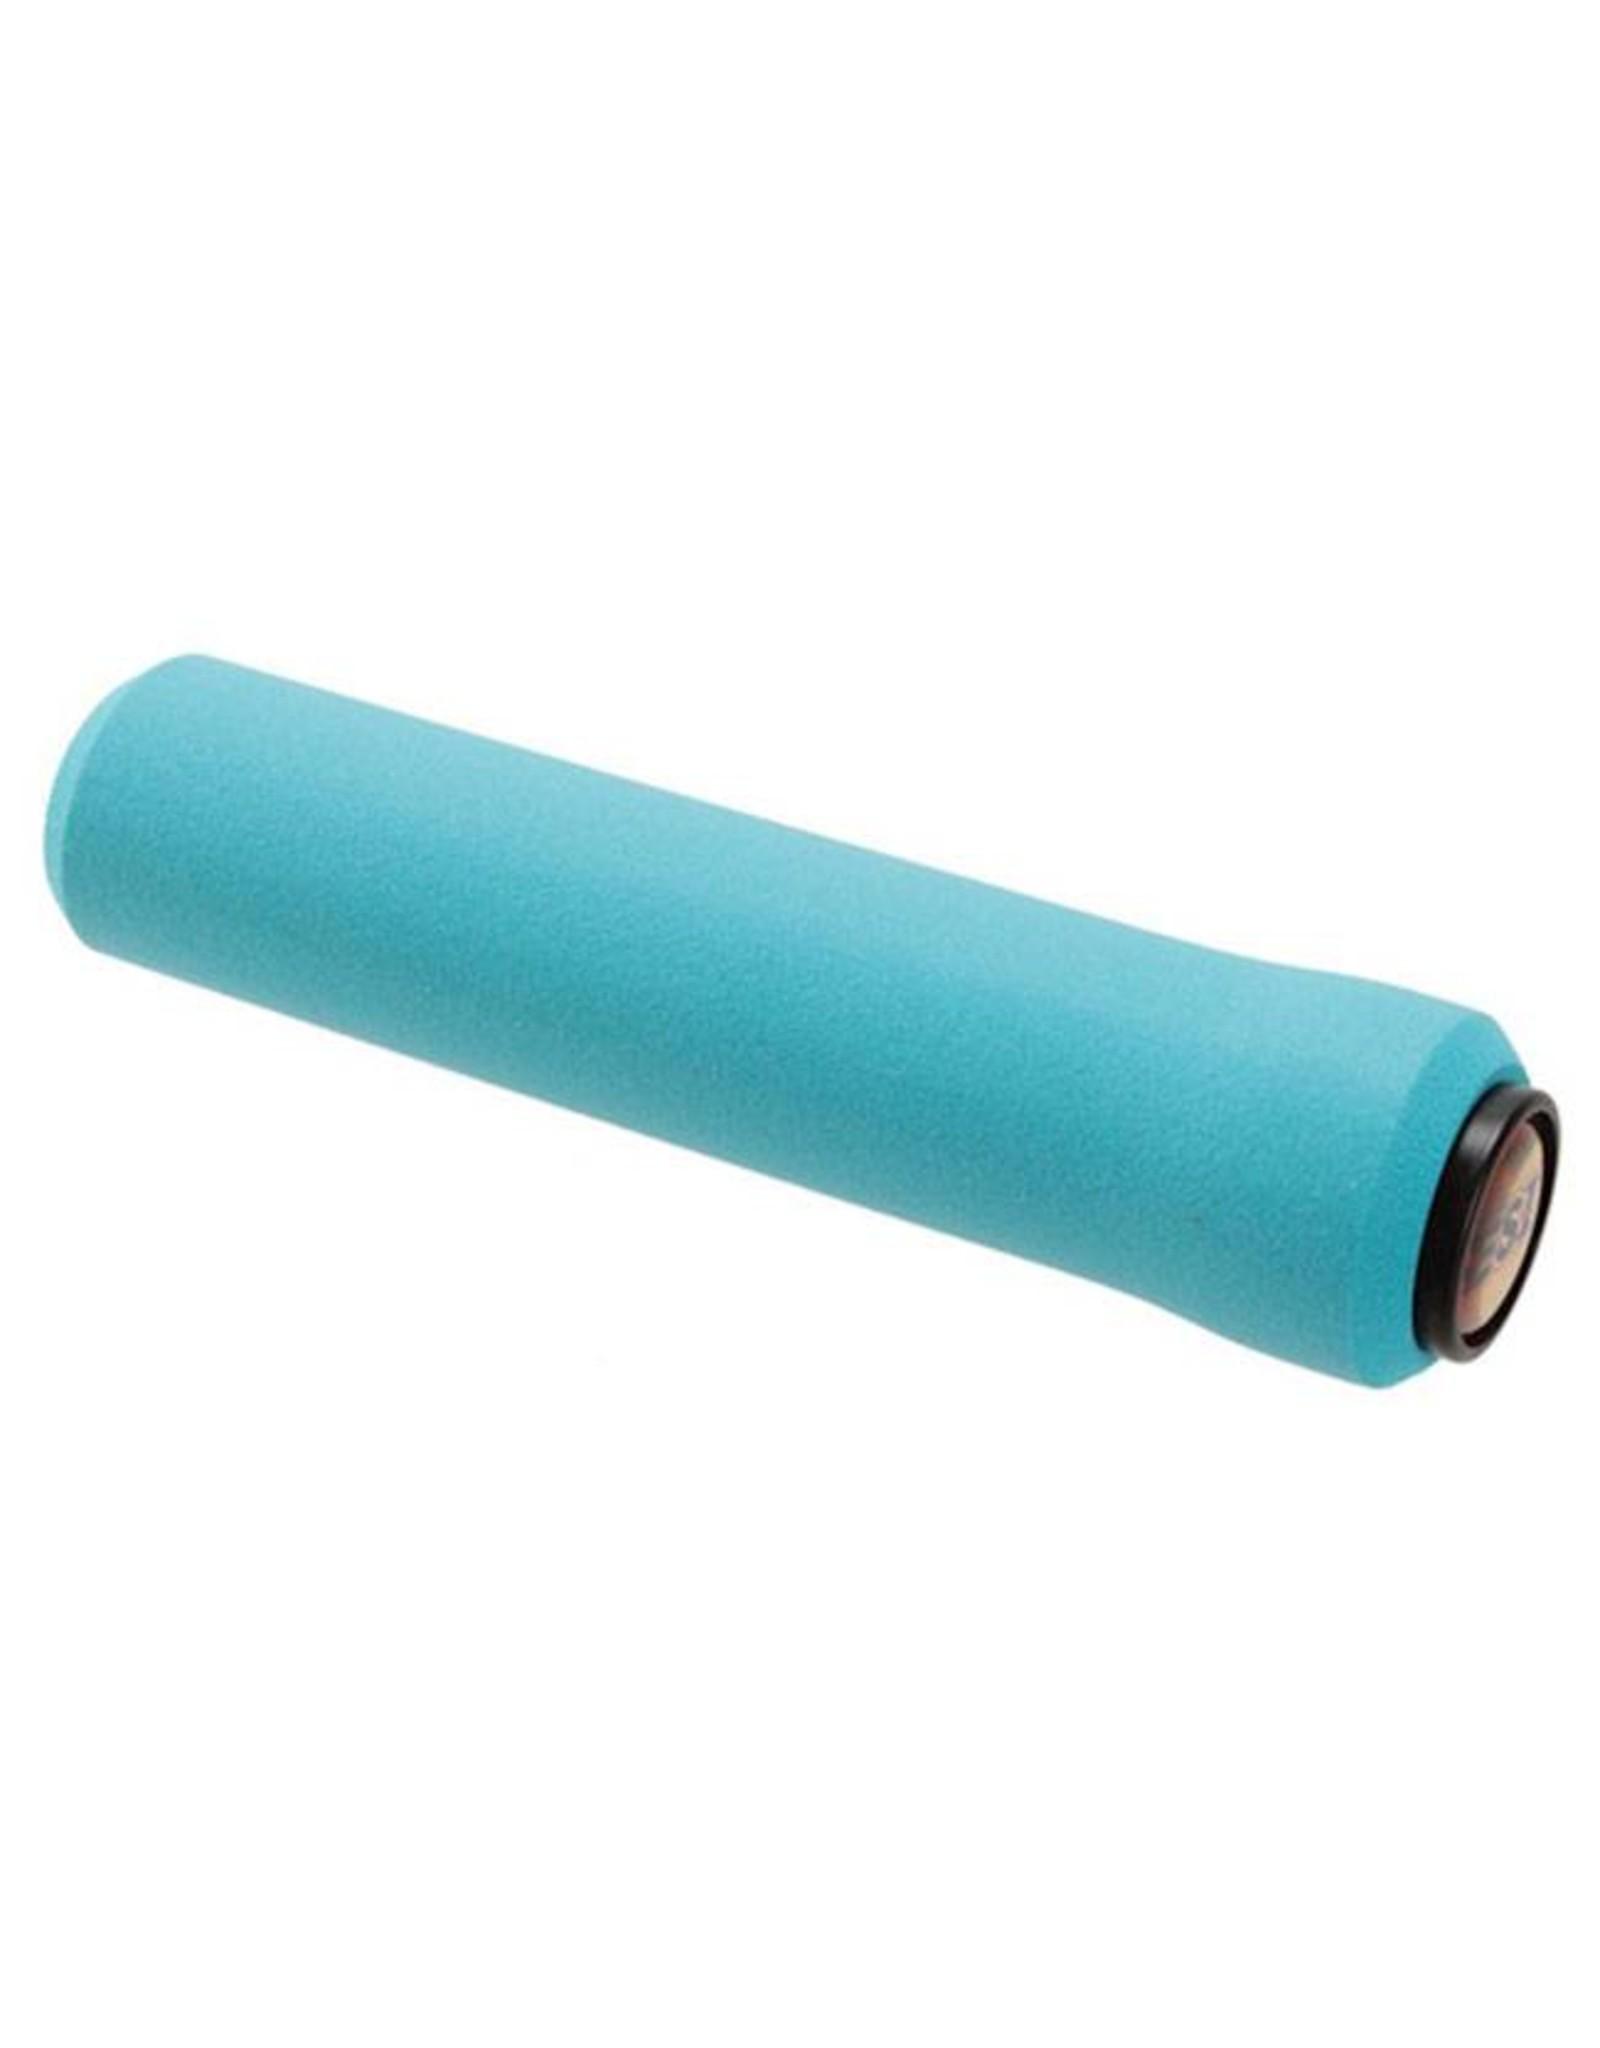 ESI ESI 32mm Chunky Silicone Grips: Aqua